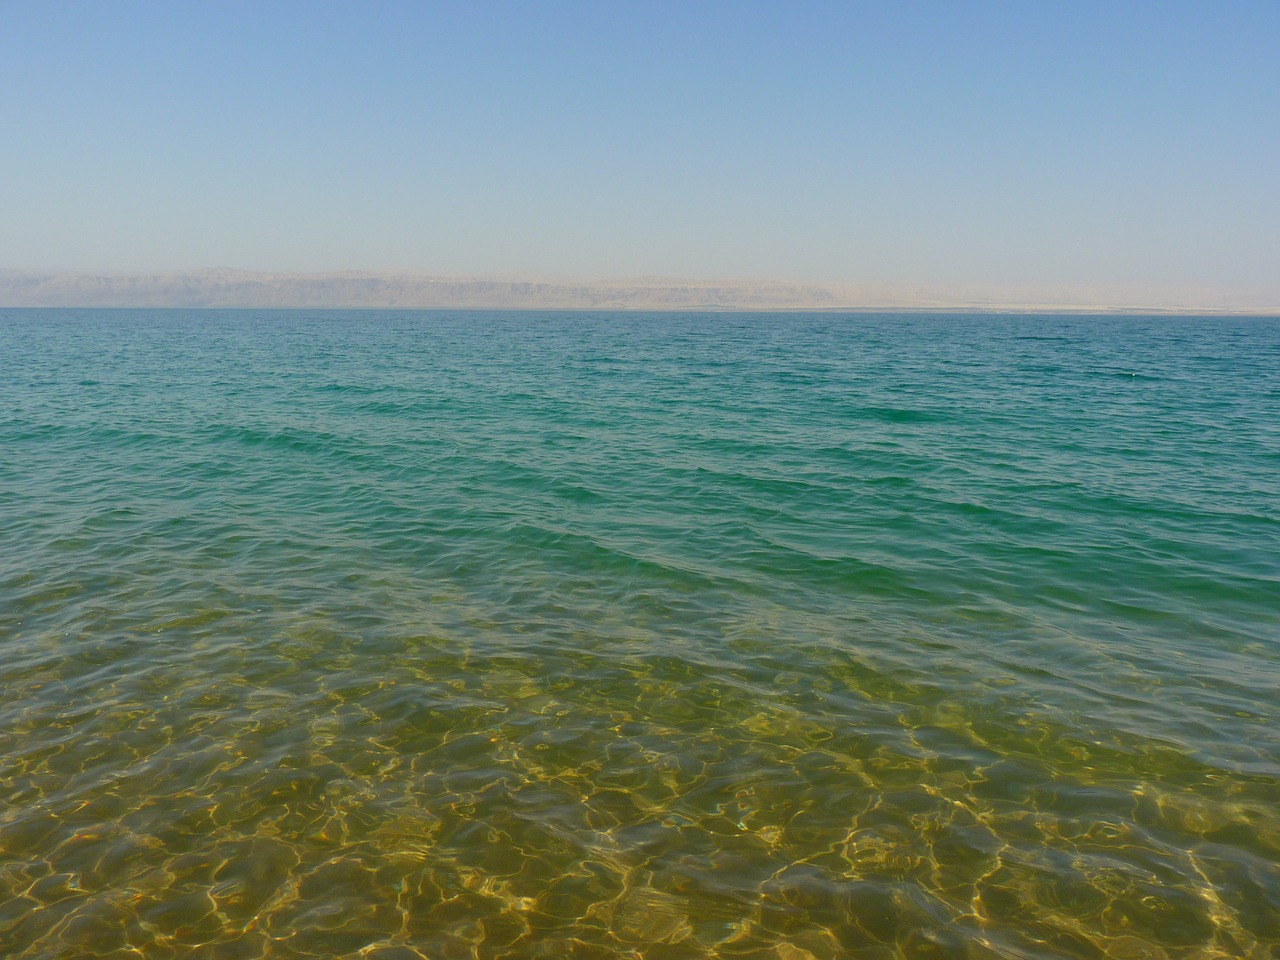 Relaxing at the Dead Sea in Jordan